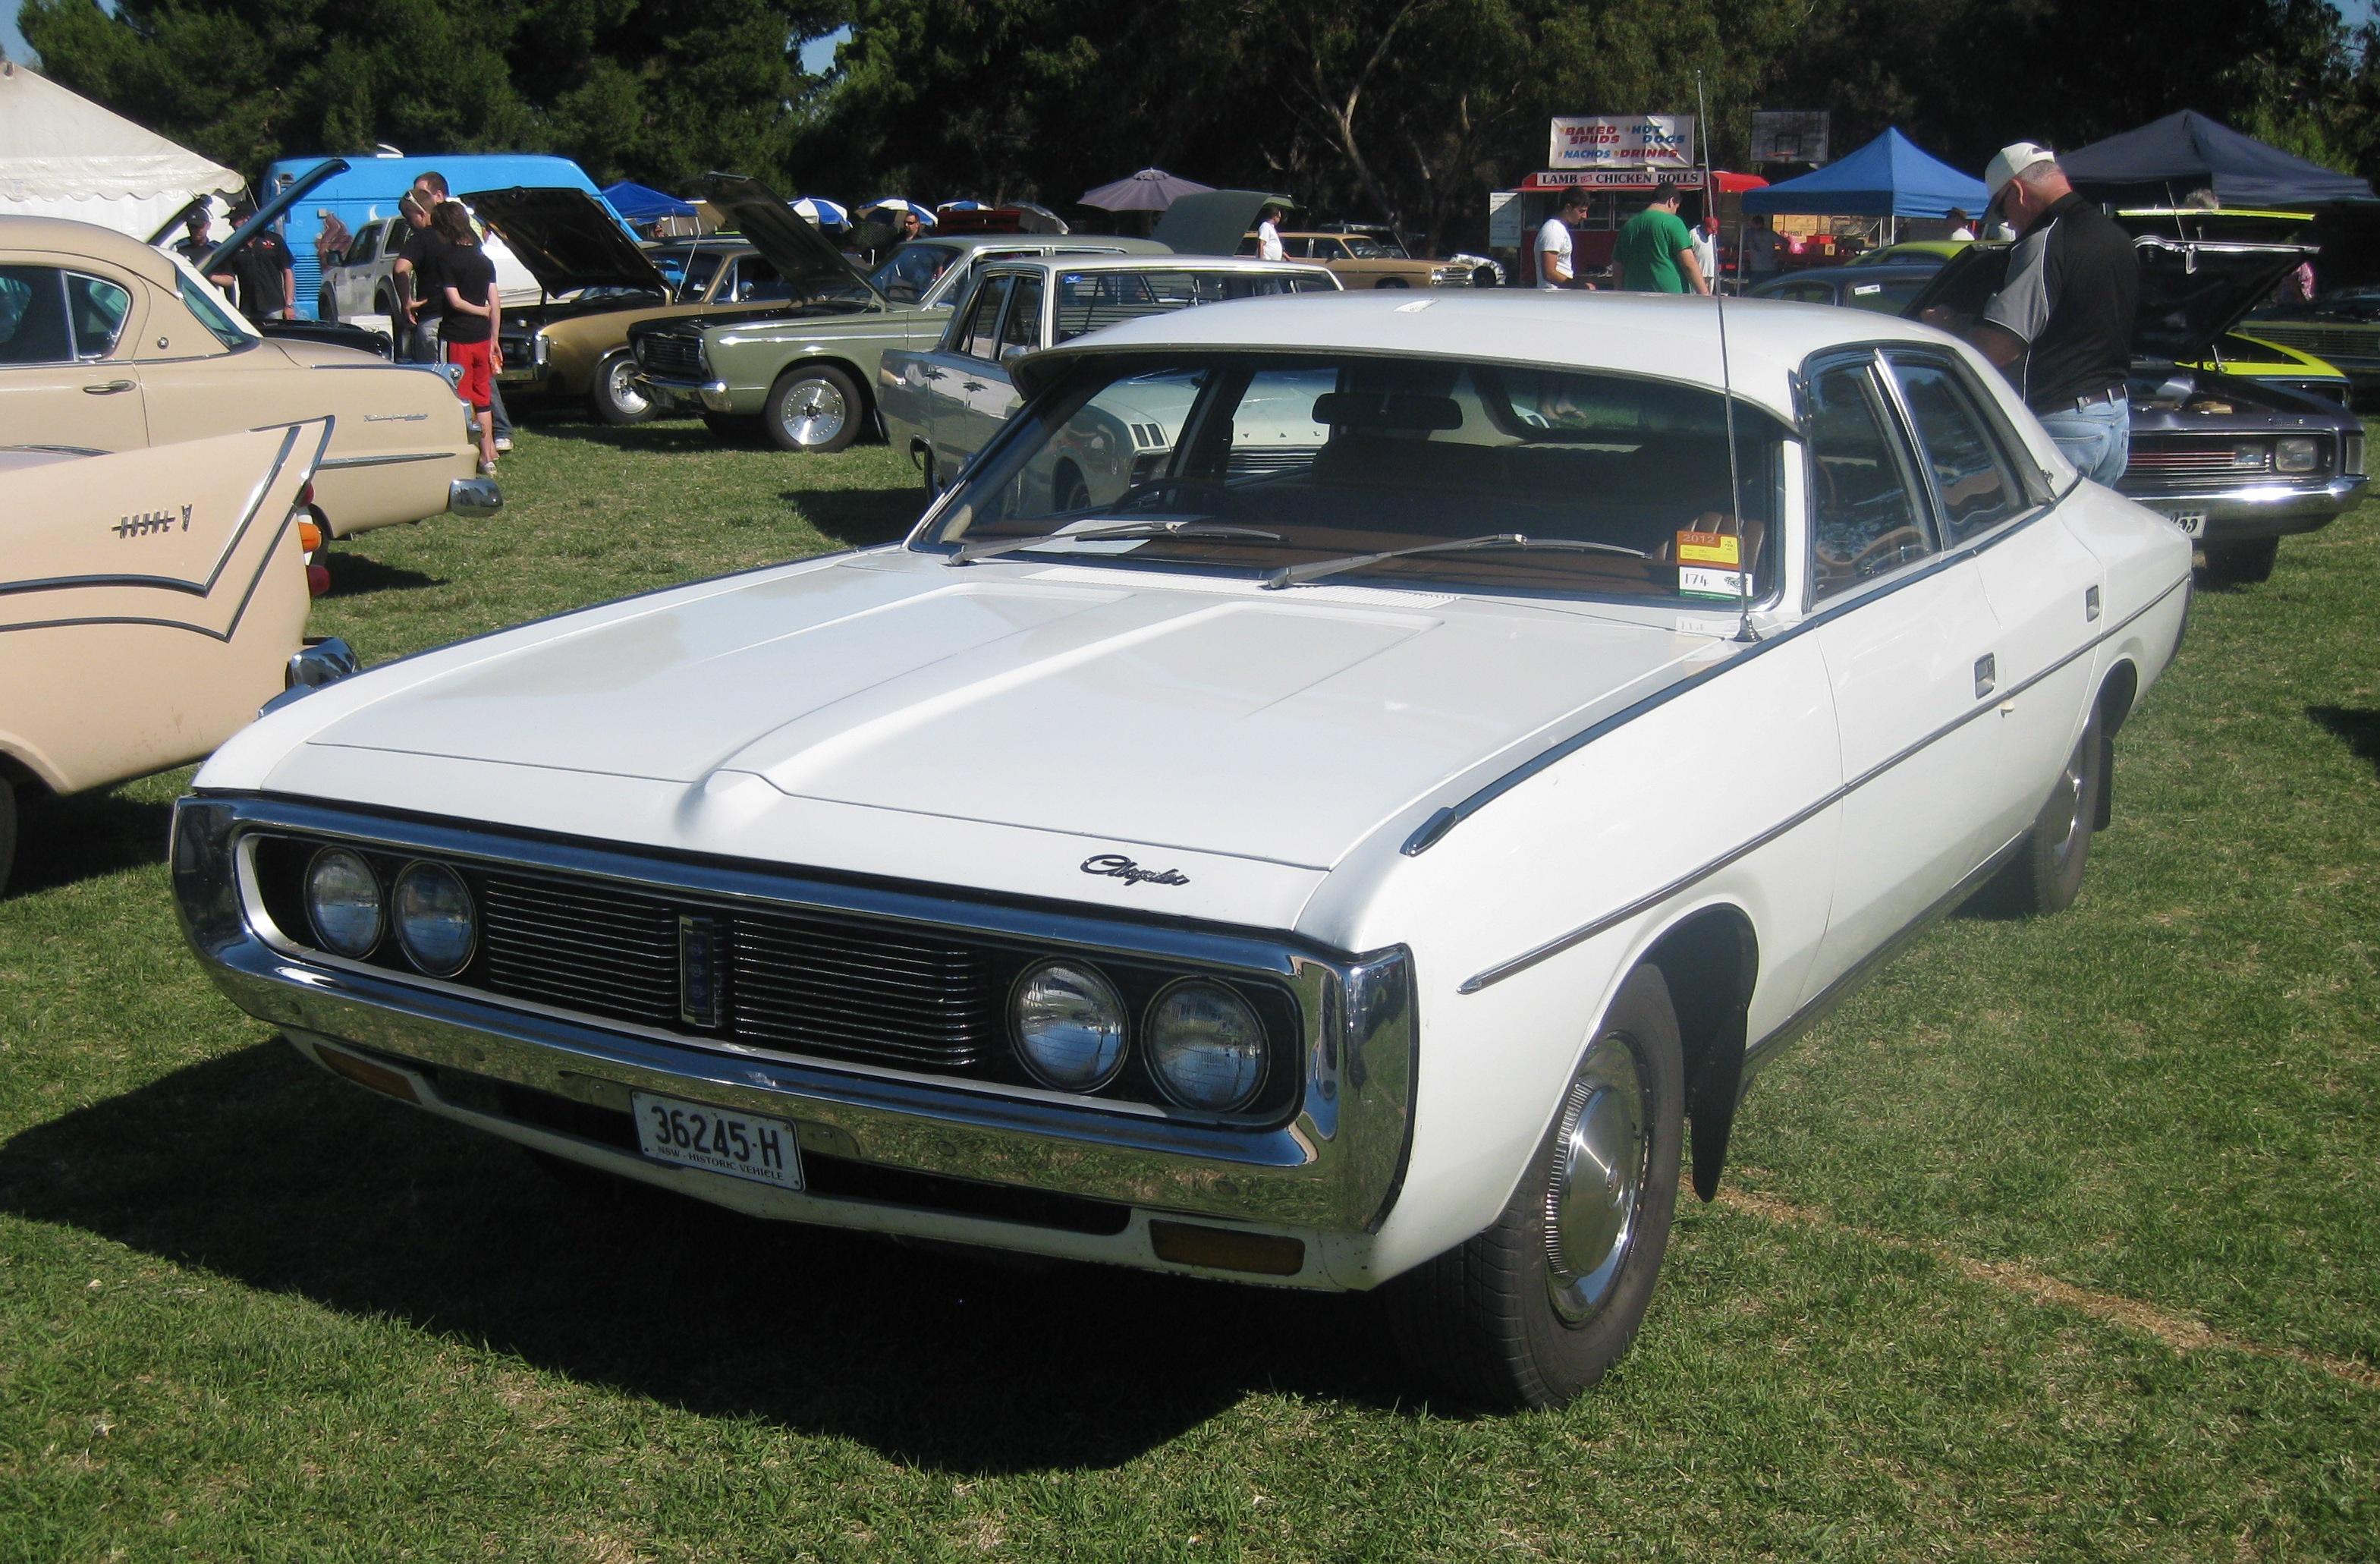 Chrysler_CH_Sedan_(white).JPG